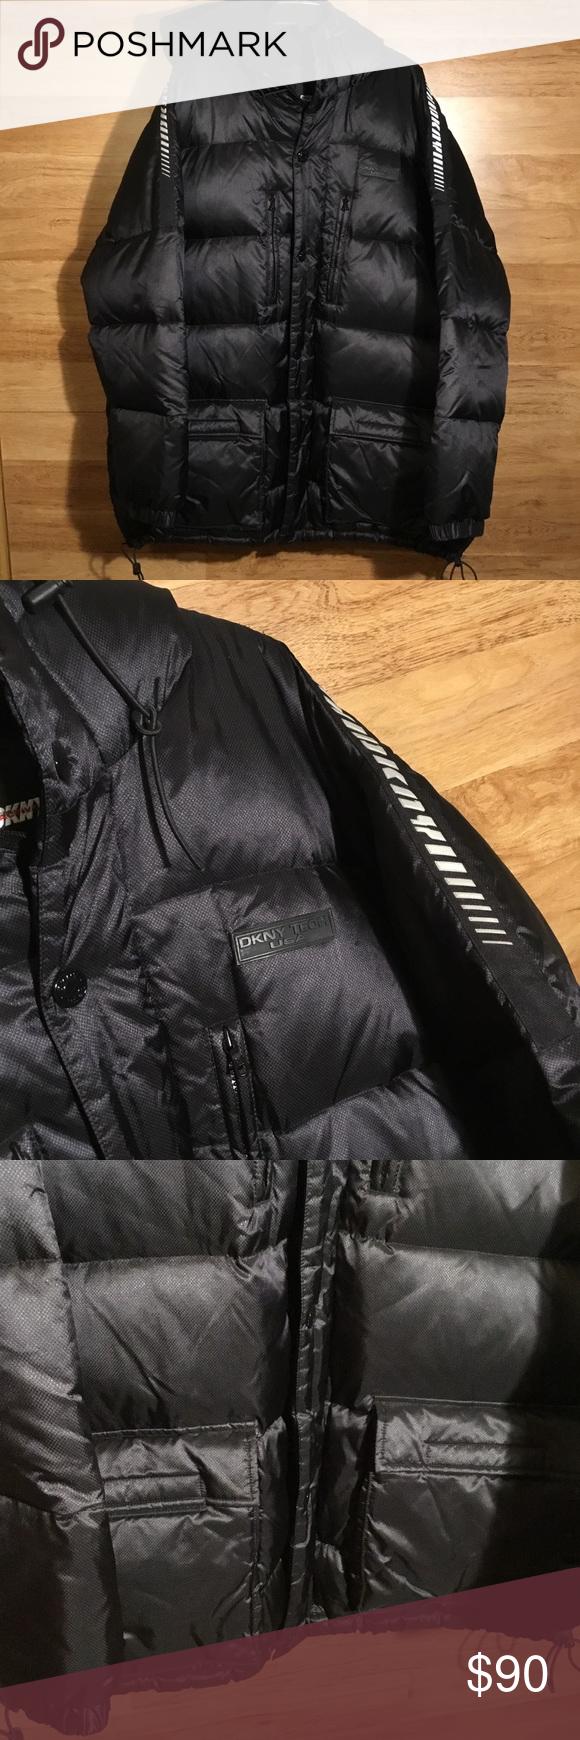 Dkny Active Tech Usa Puffer Jacket Dkny Active Tech Usa Puffer Jacket In Excellent Conditions Size Xxl Dkny Jackets Coats Puf Dkny Jackets Puffer Jackets [ 1740 x 580 Pixel ]